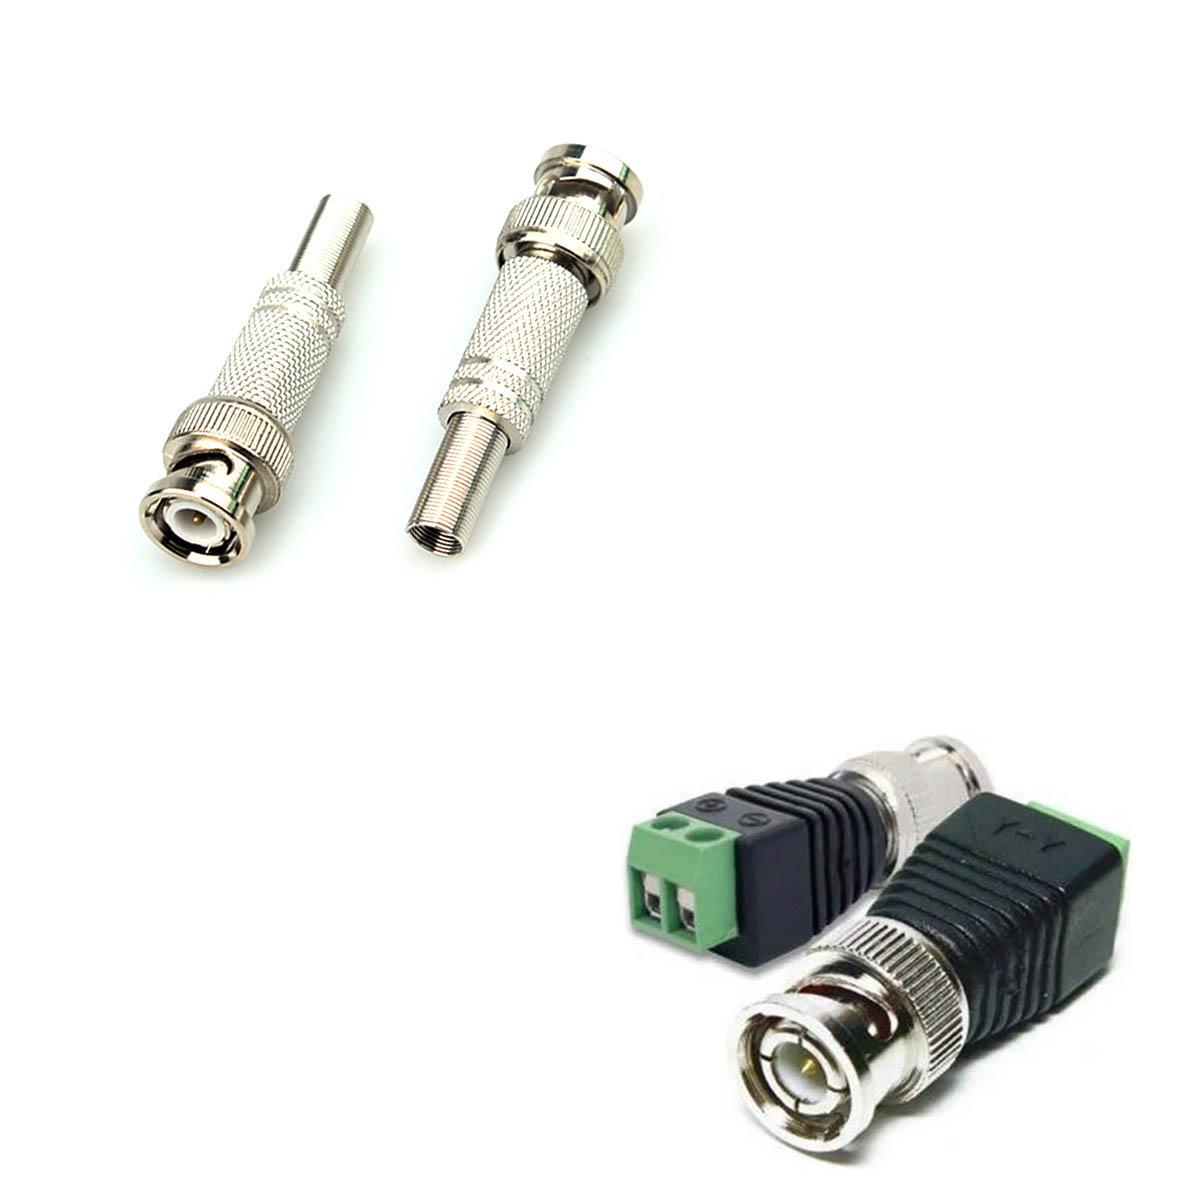 Kit CFTV 08 câmeras Vhd 3120 B  G6 + DVR 1108 C/ HD 3TB + Cabo de Brinde